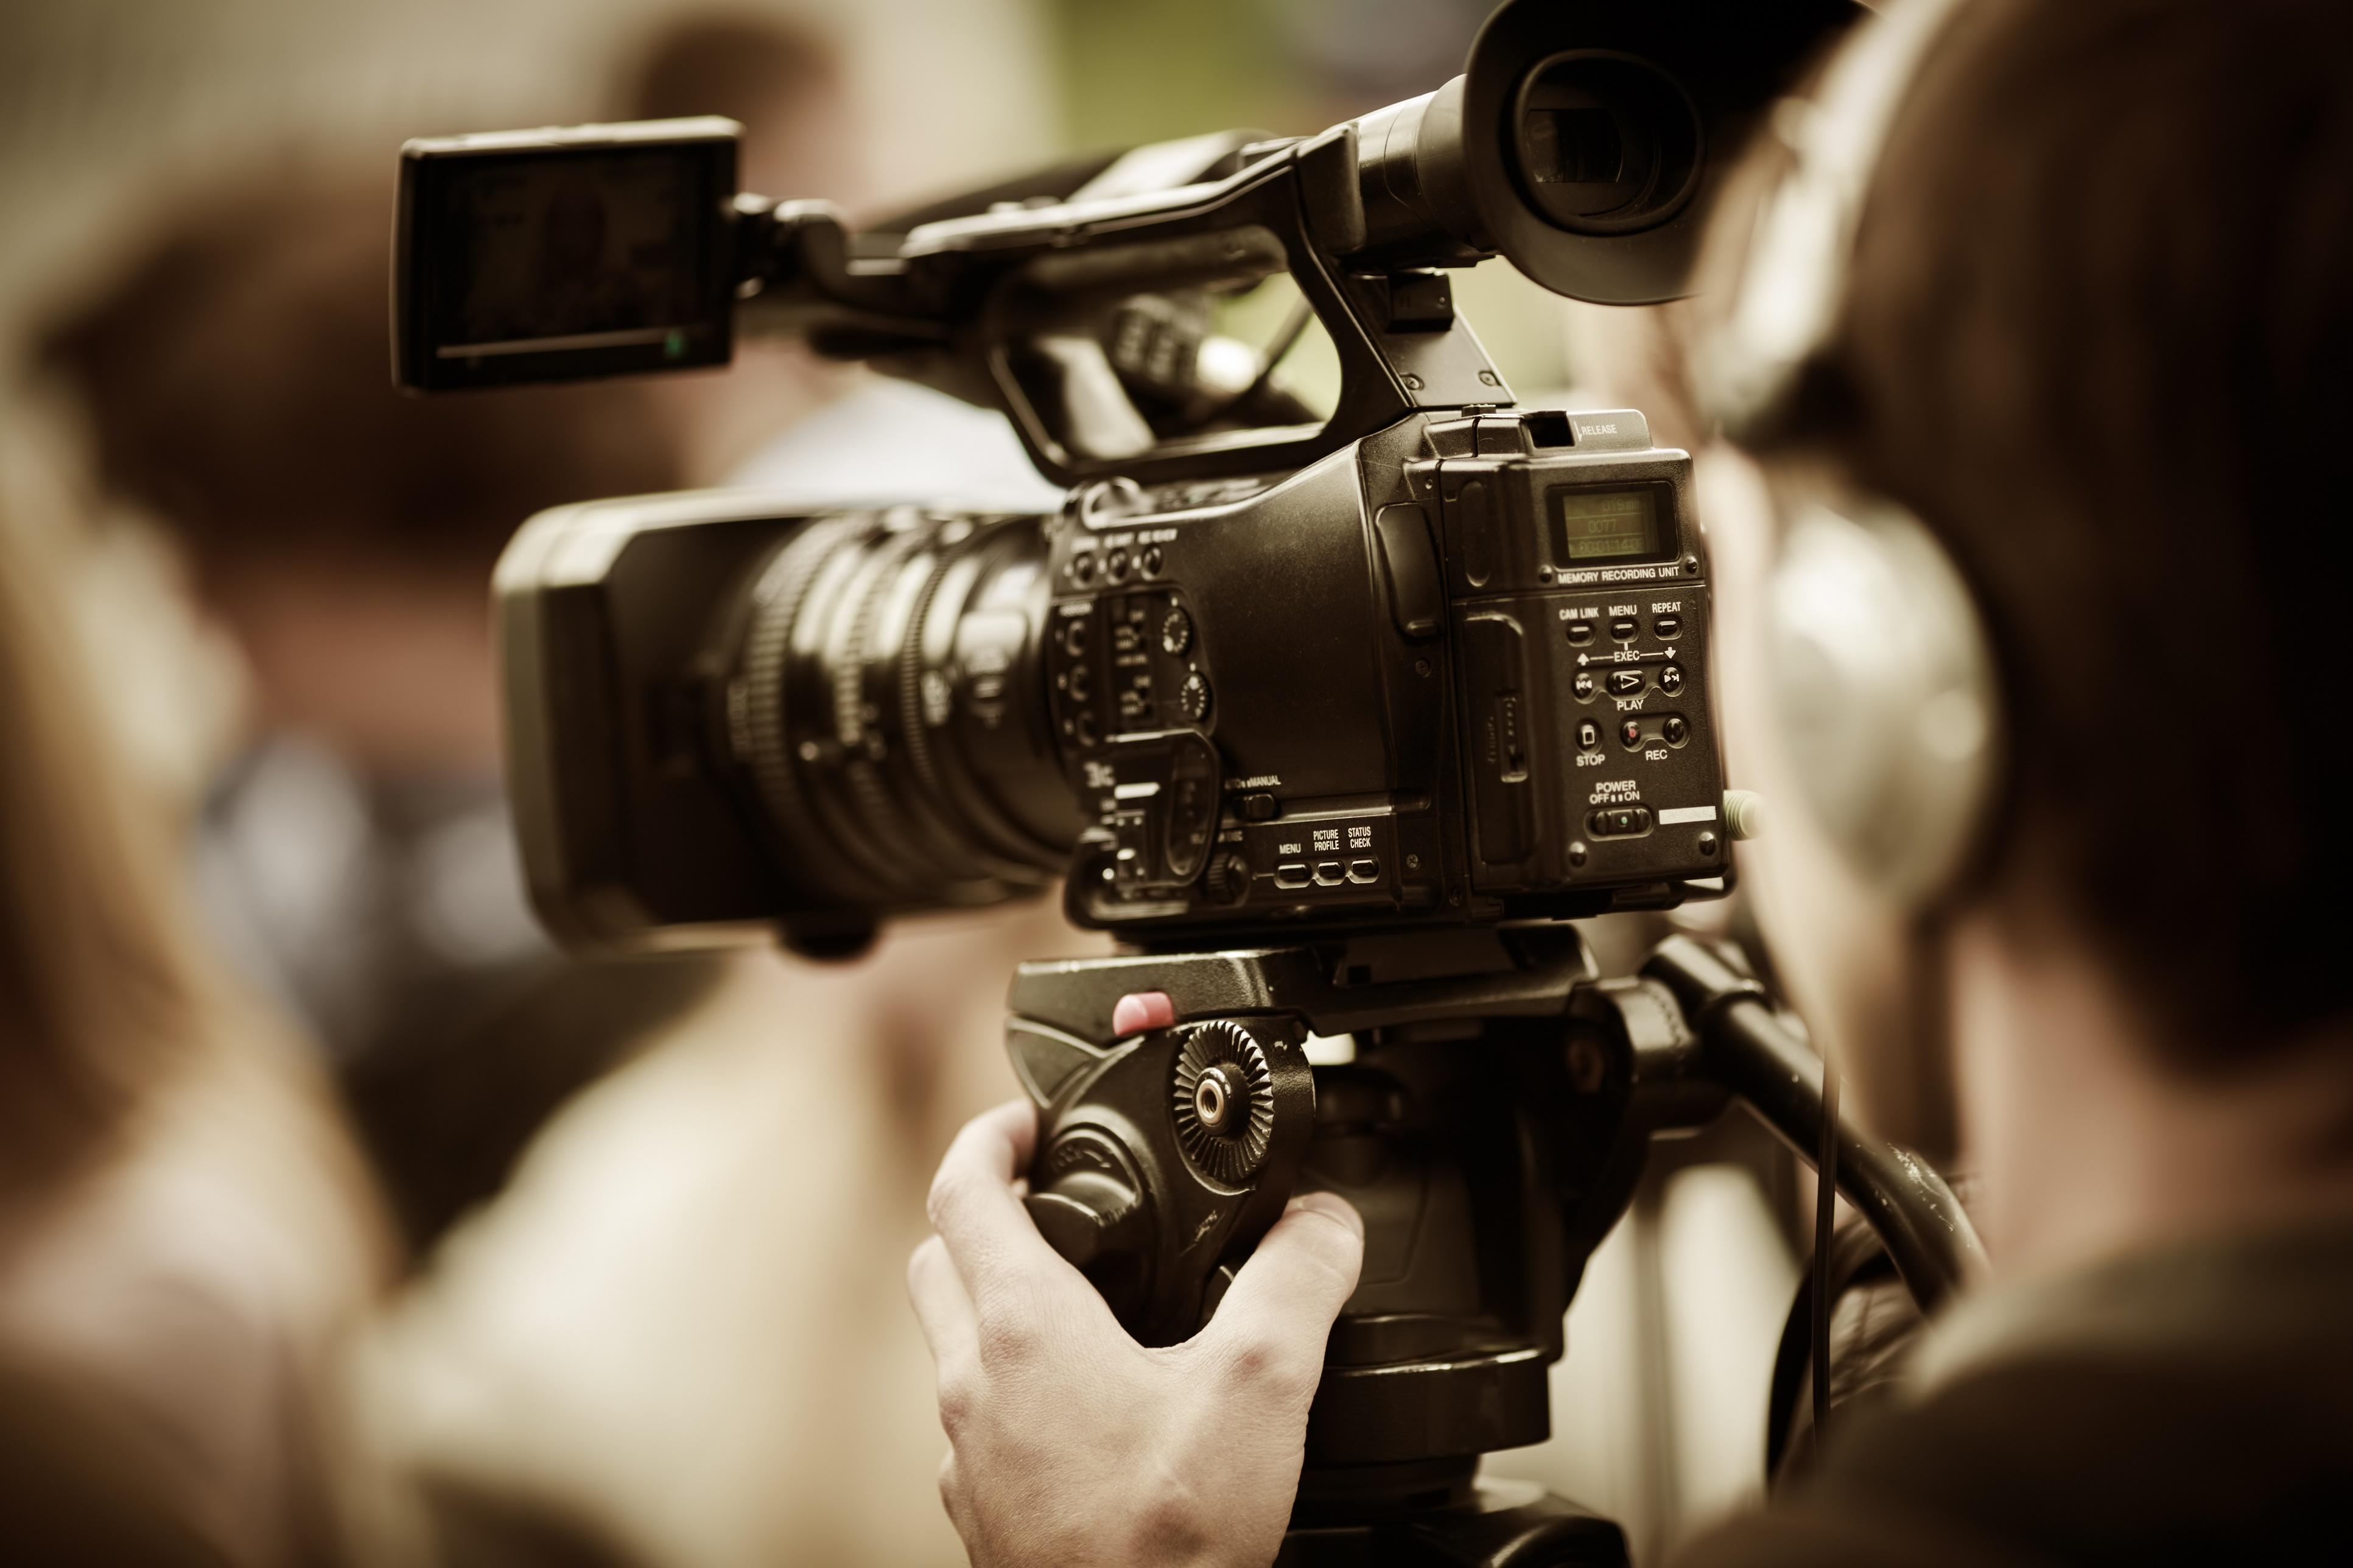 [Tutoriales] Videos de profesionales del marketing para profesionales del marketing